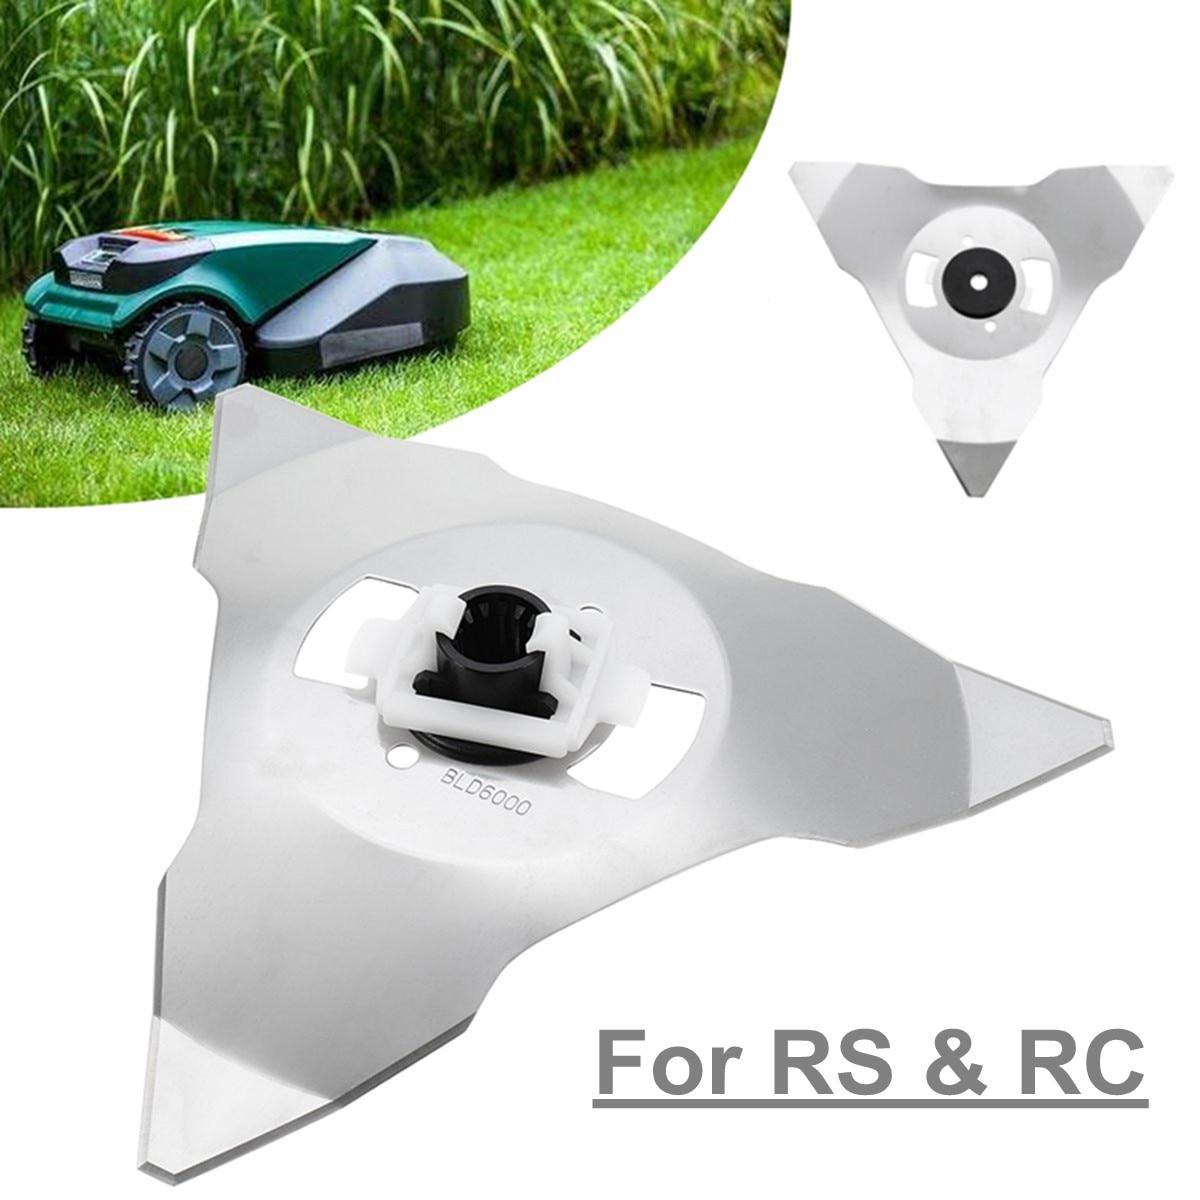 Lâminas de reposição Para RS Modelos RC Roçada Robôs Peças de Jardim Cortador De Grama Cortador de Lâmina Aparador de grama de Jardim Aparador de Grama Acessórios